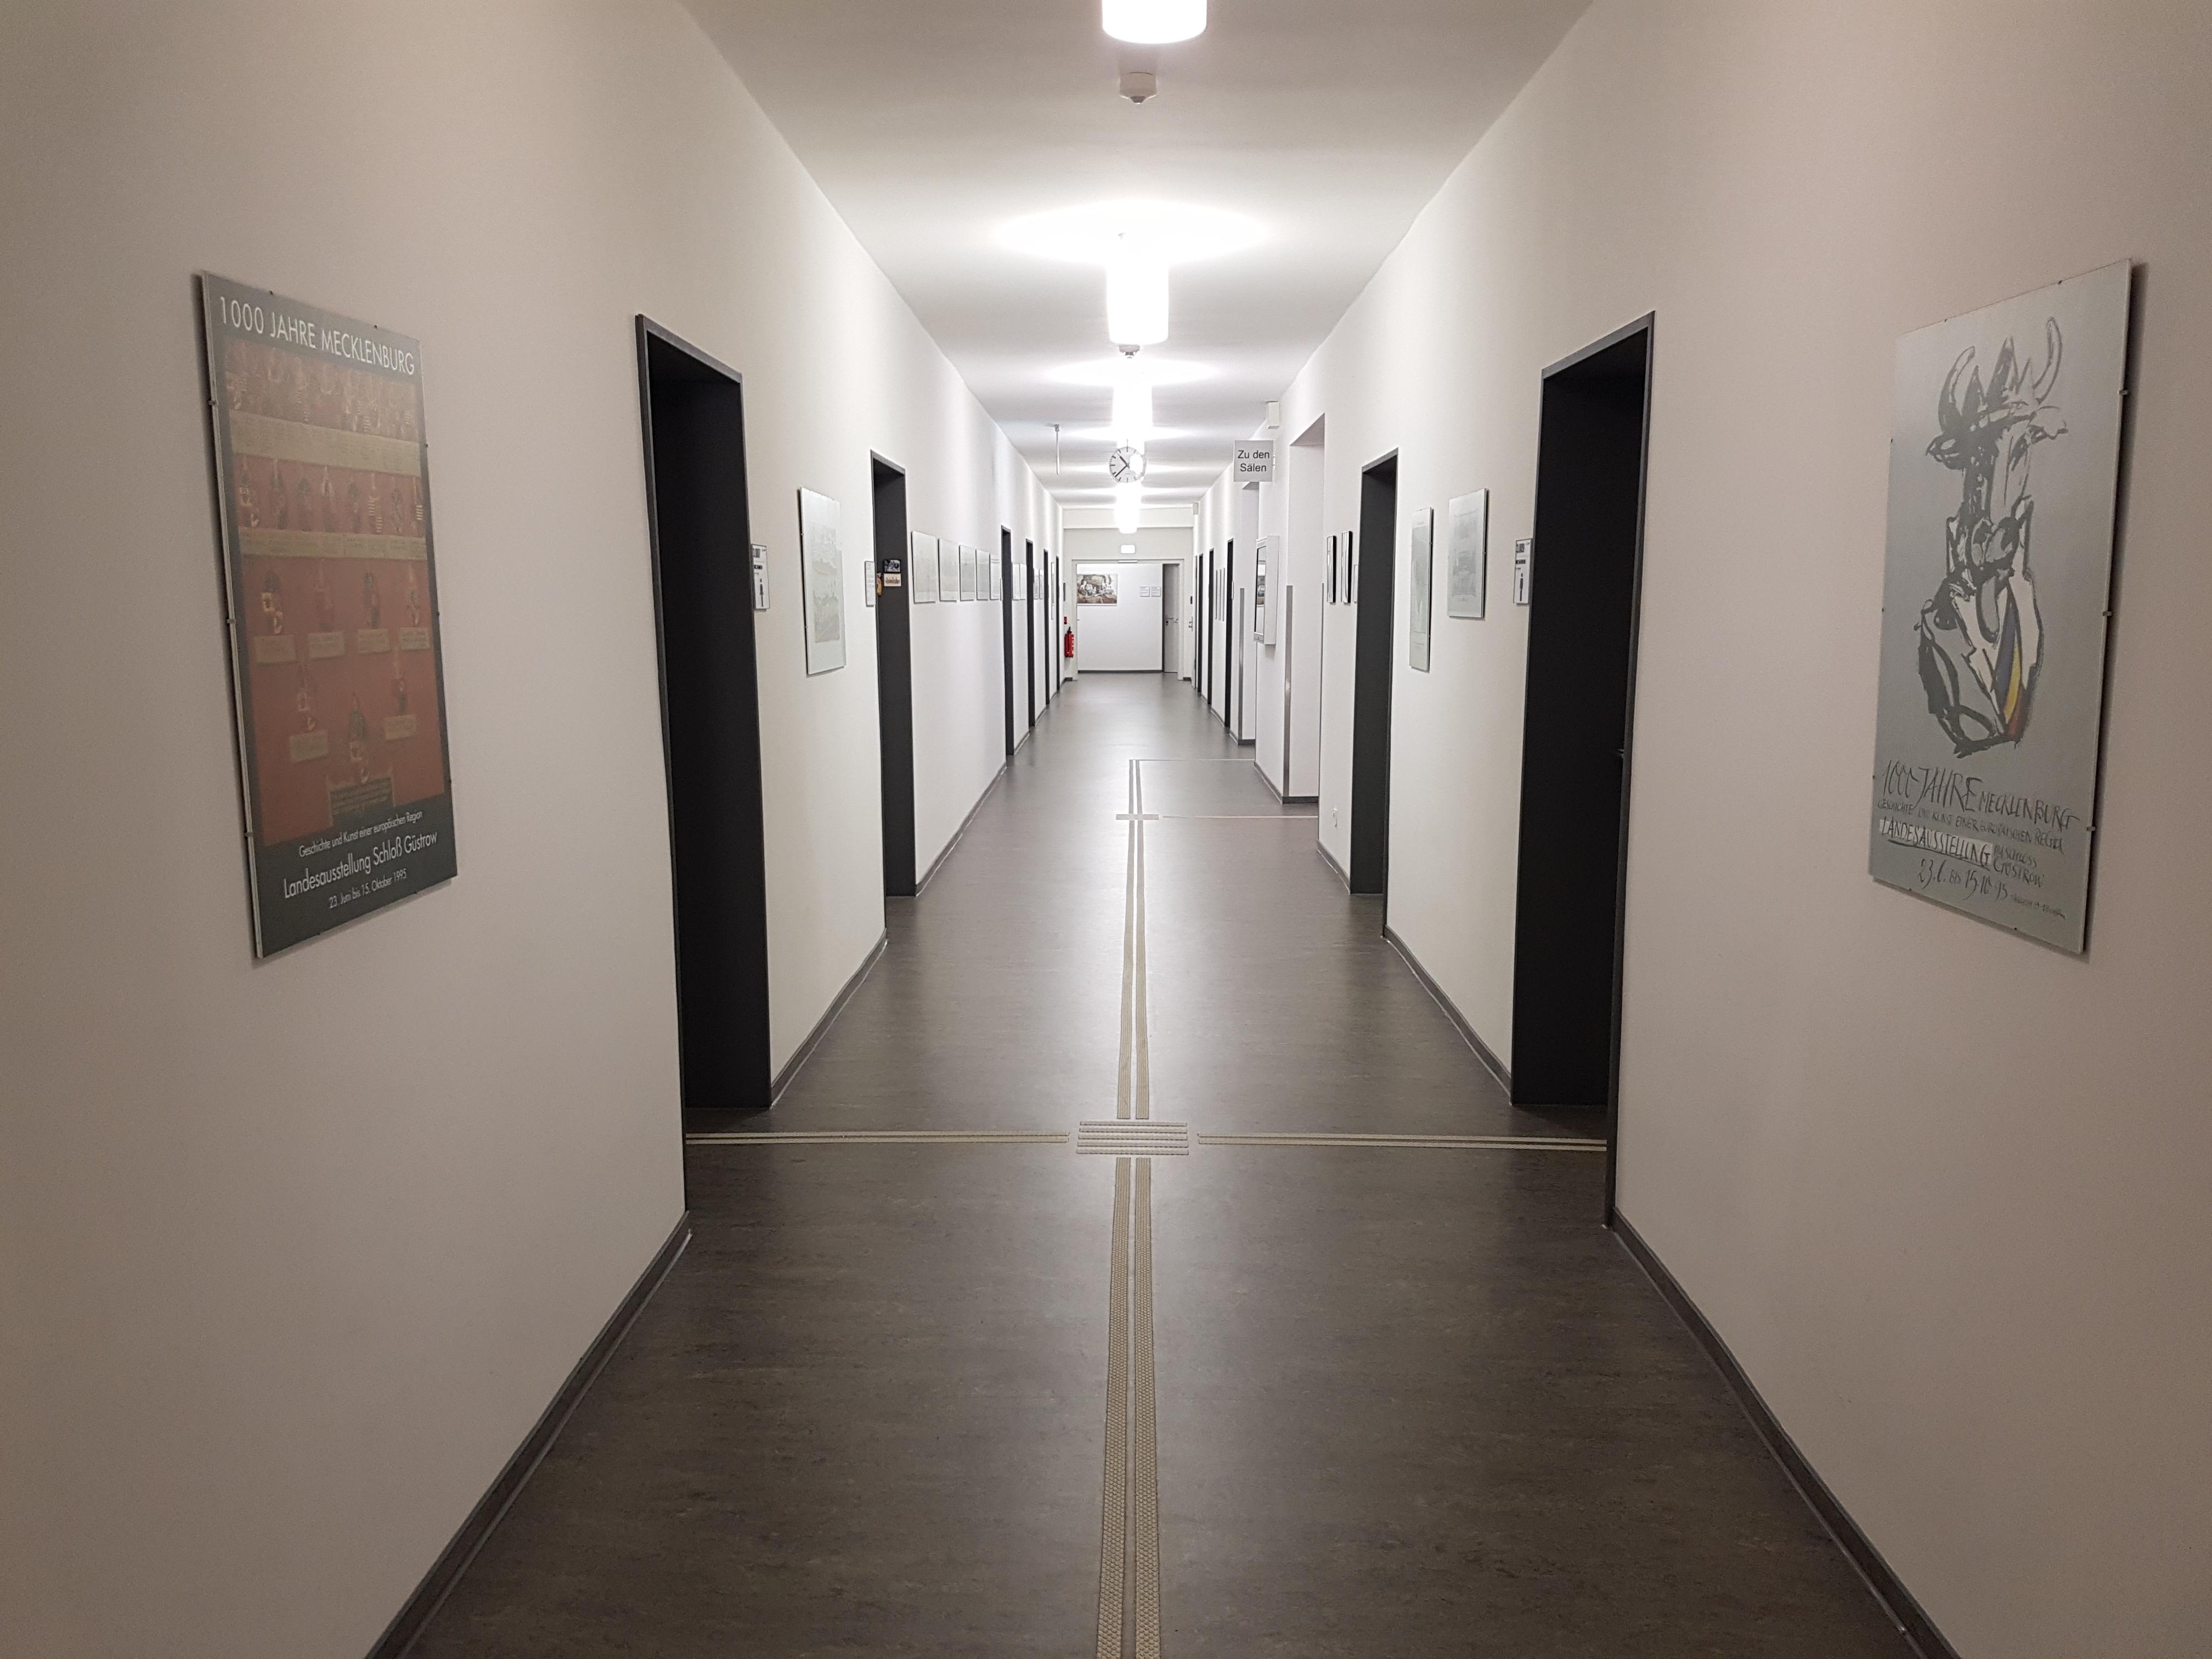 Das Foto zeigt einen Blick in einen langen Flur, von dem aus mehrere Büros abgehen.